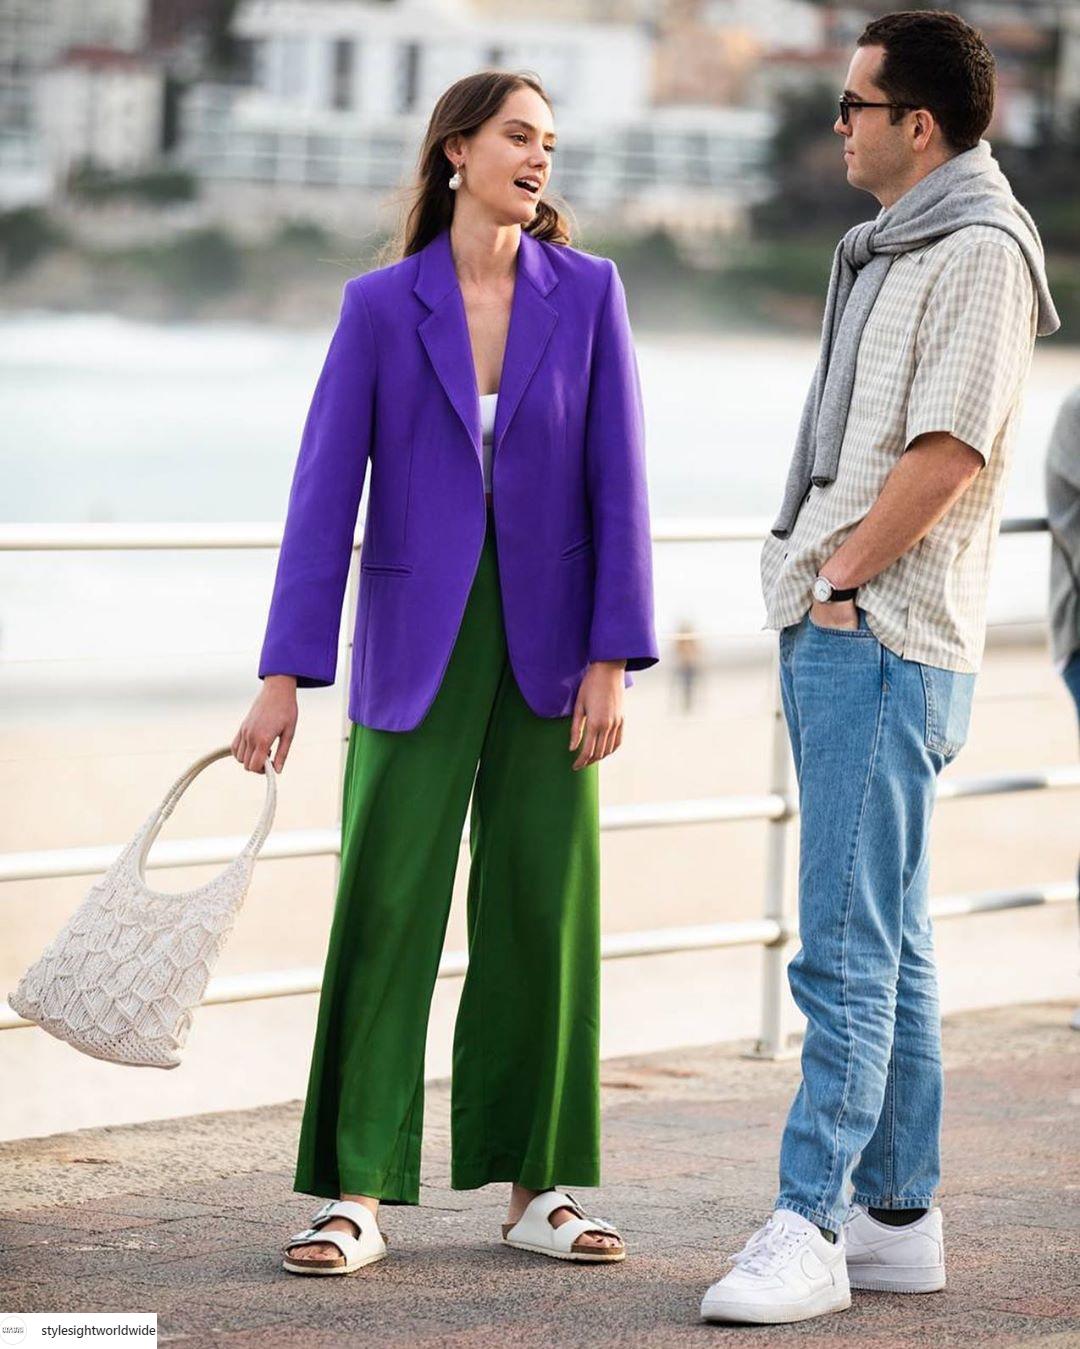 quần ống loa màu xanh lá và áo khoác màu tím